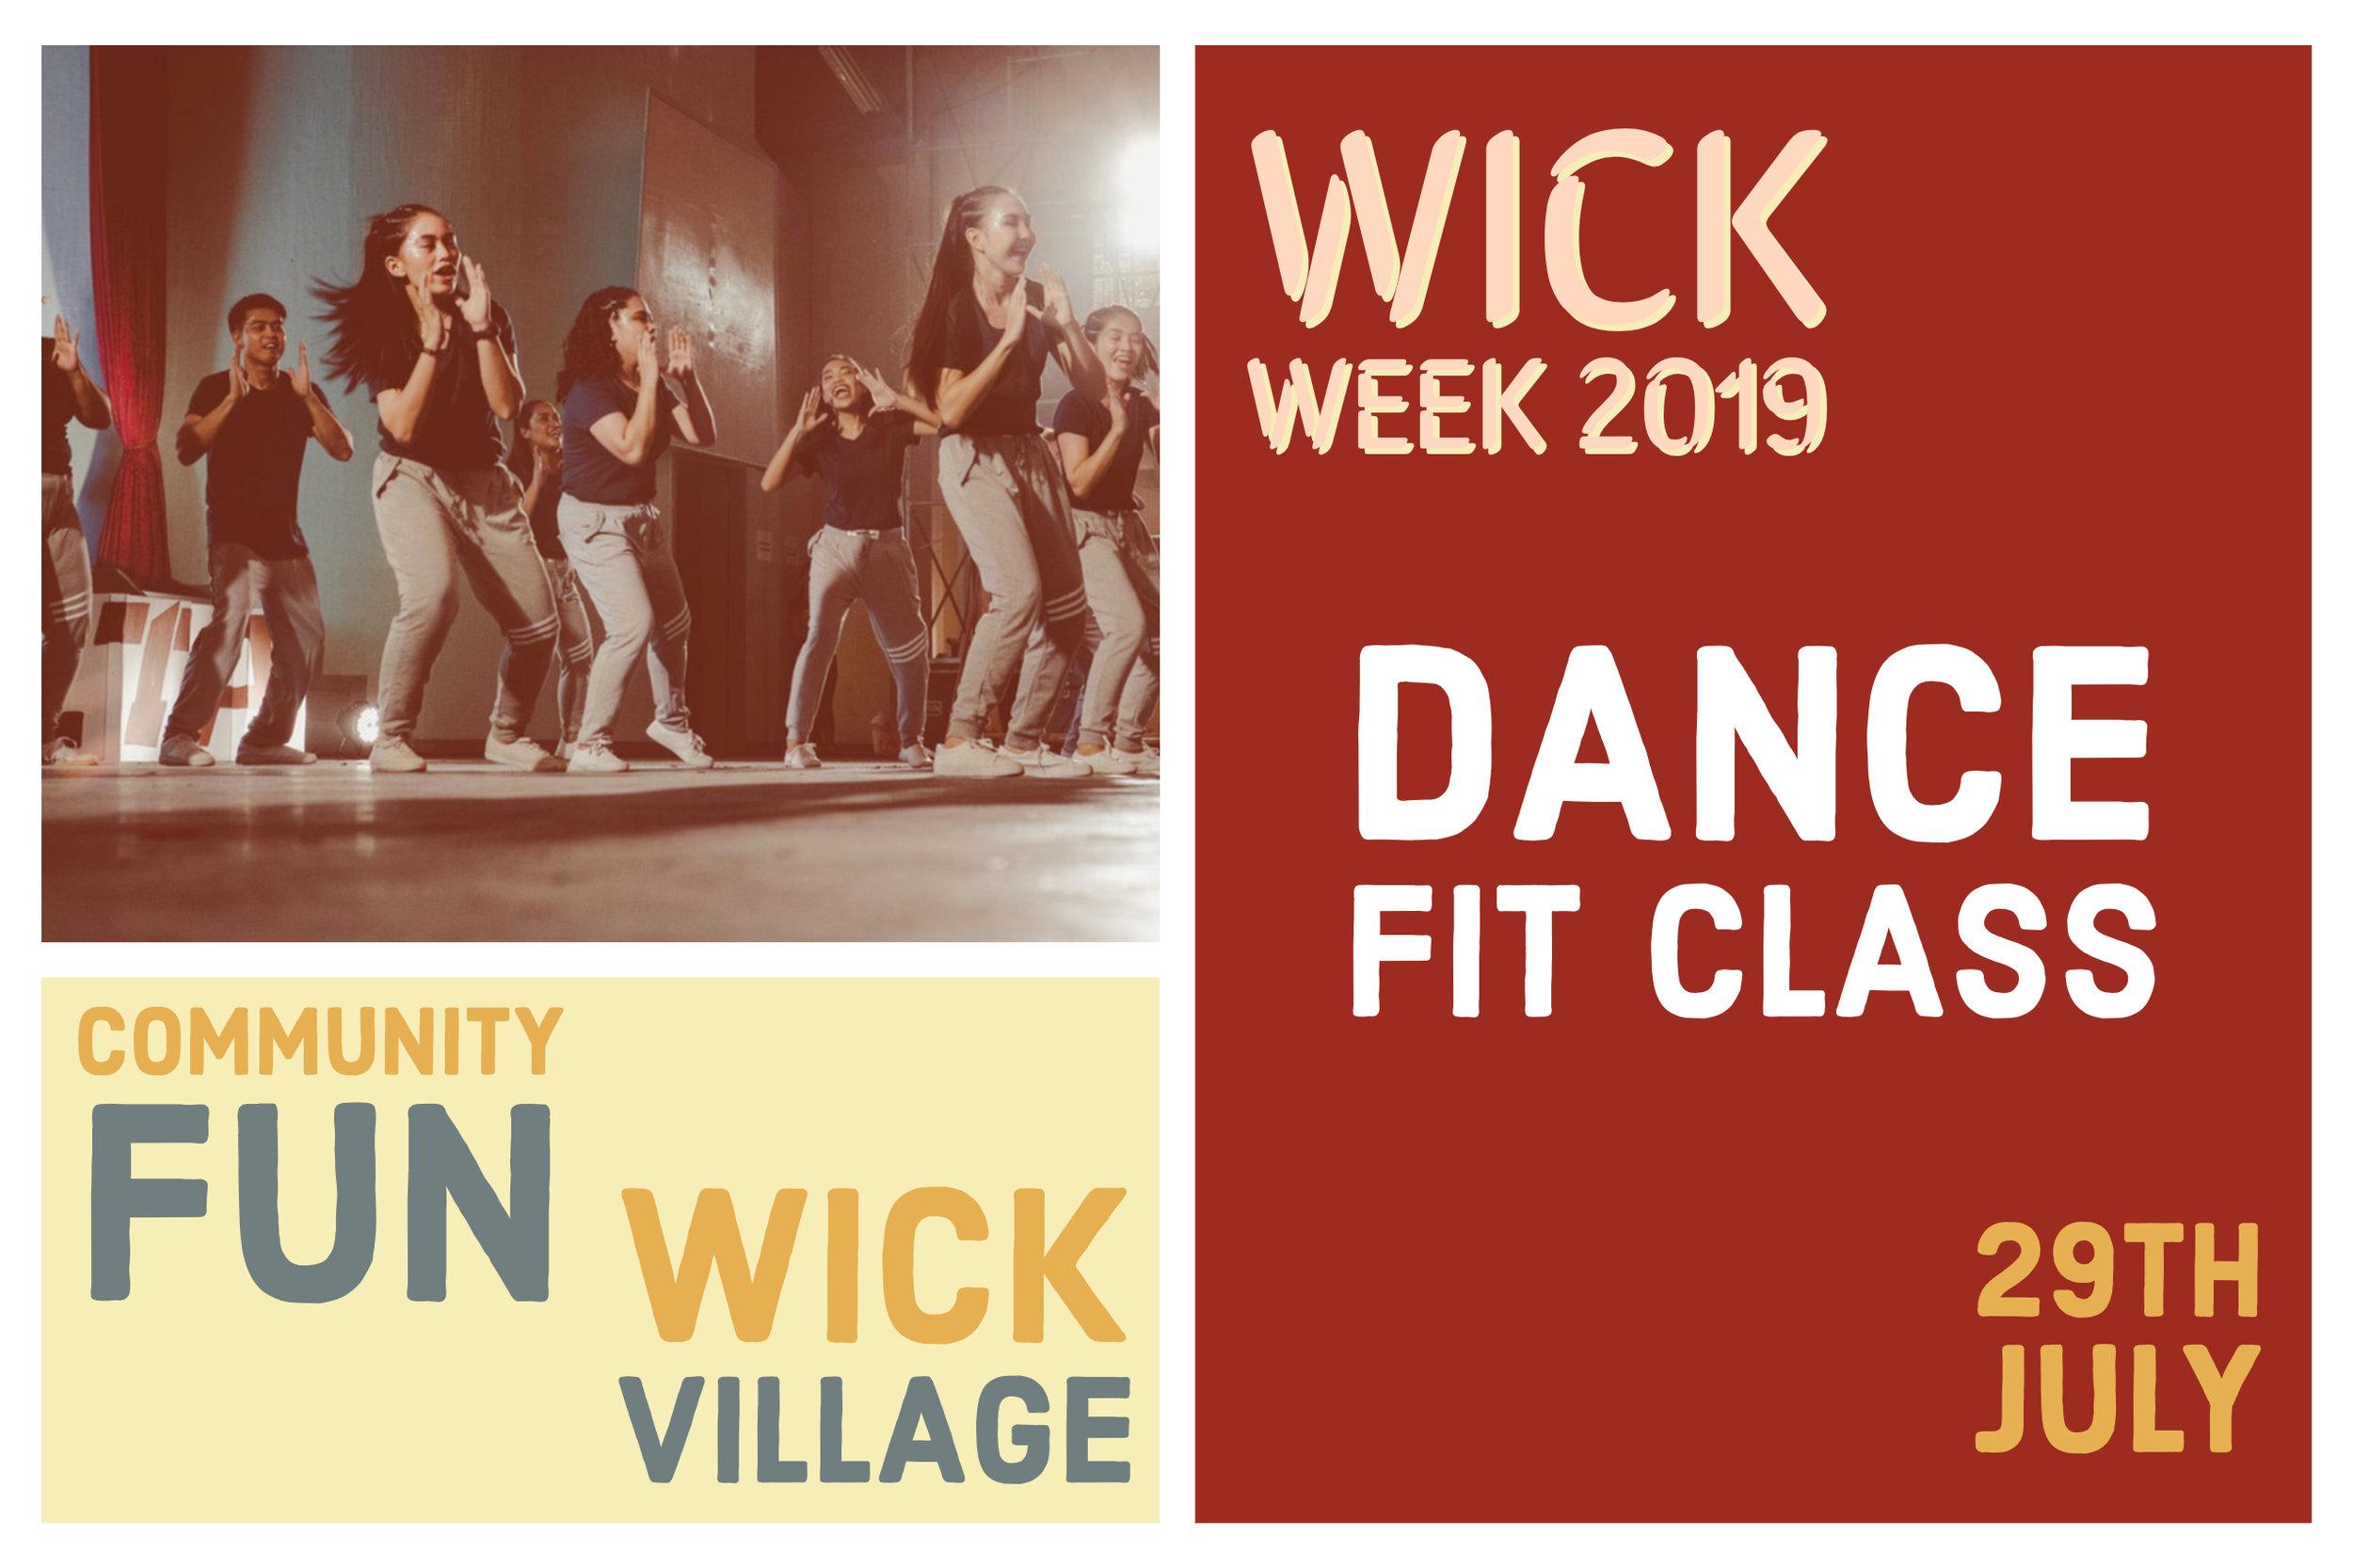 Wick Week 2019 Dance Fit Class